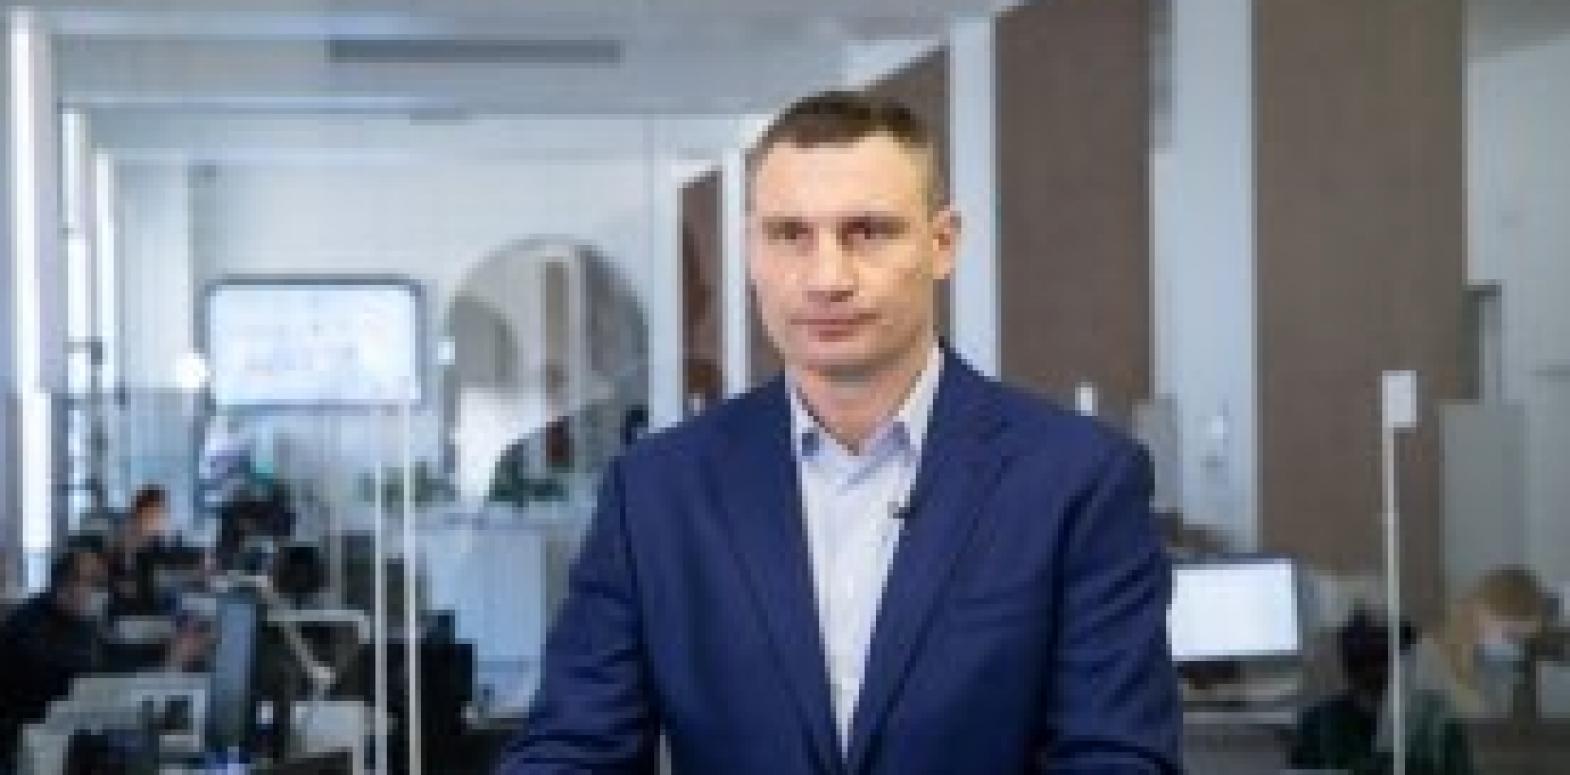 В Киеве выявили еще 6 случаев заражения коронавирусом, всего сейчас 40 инфицированных, - Кличко